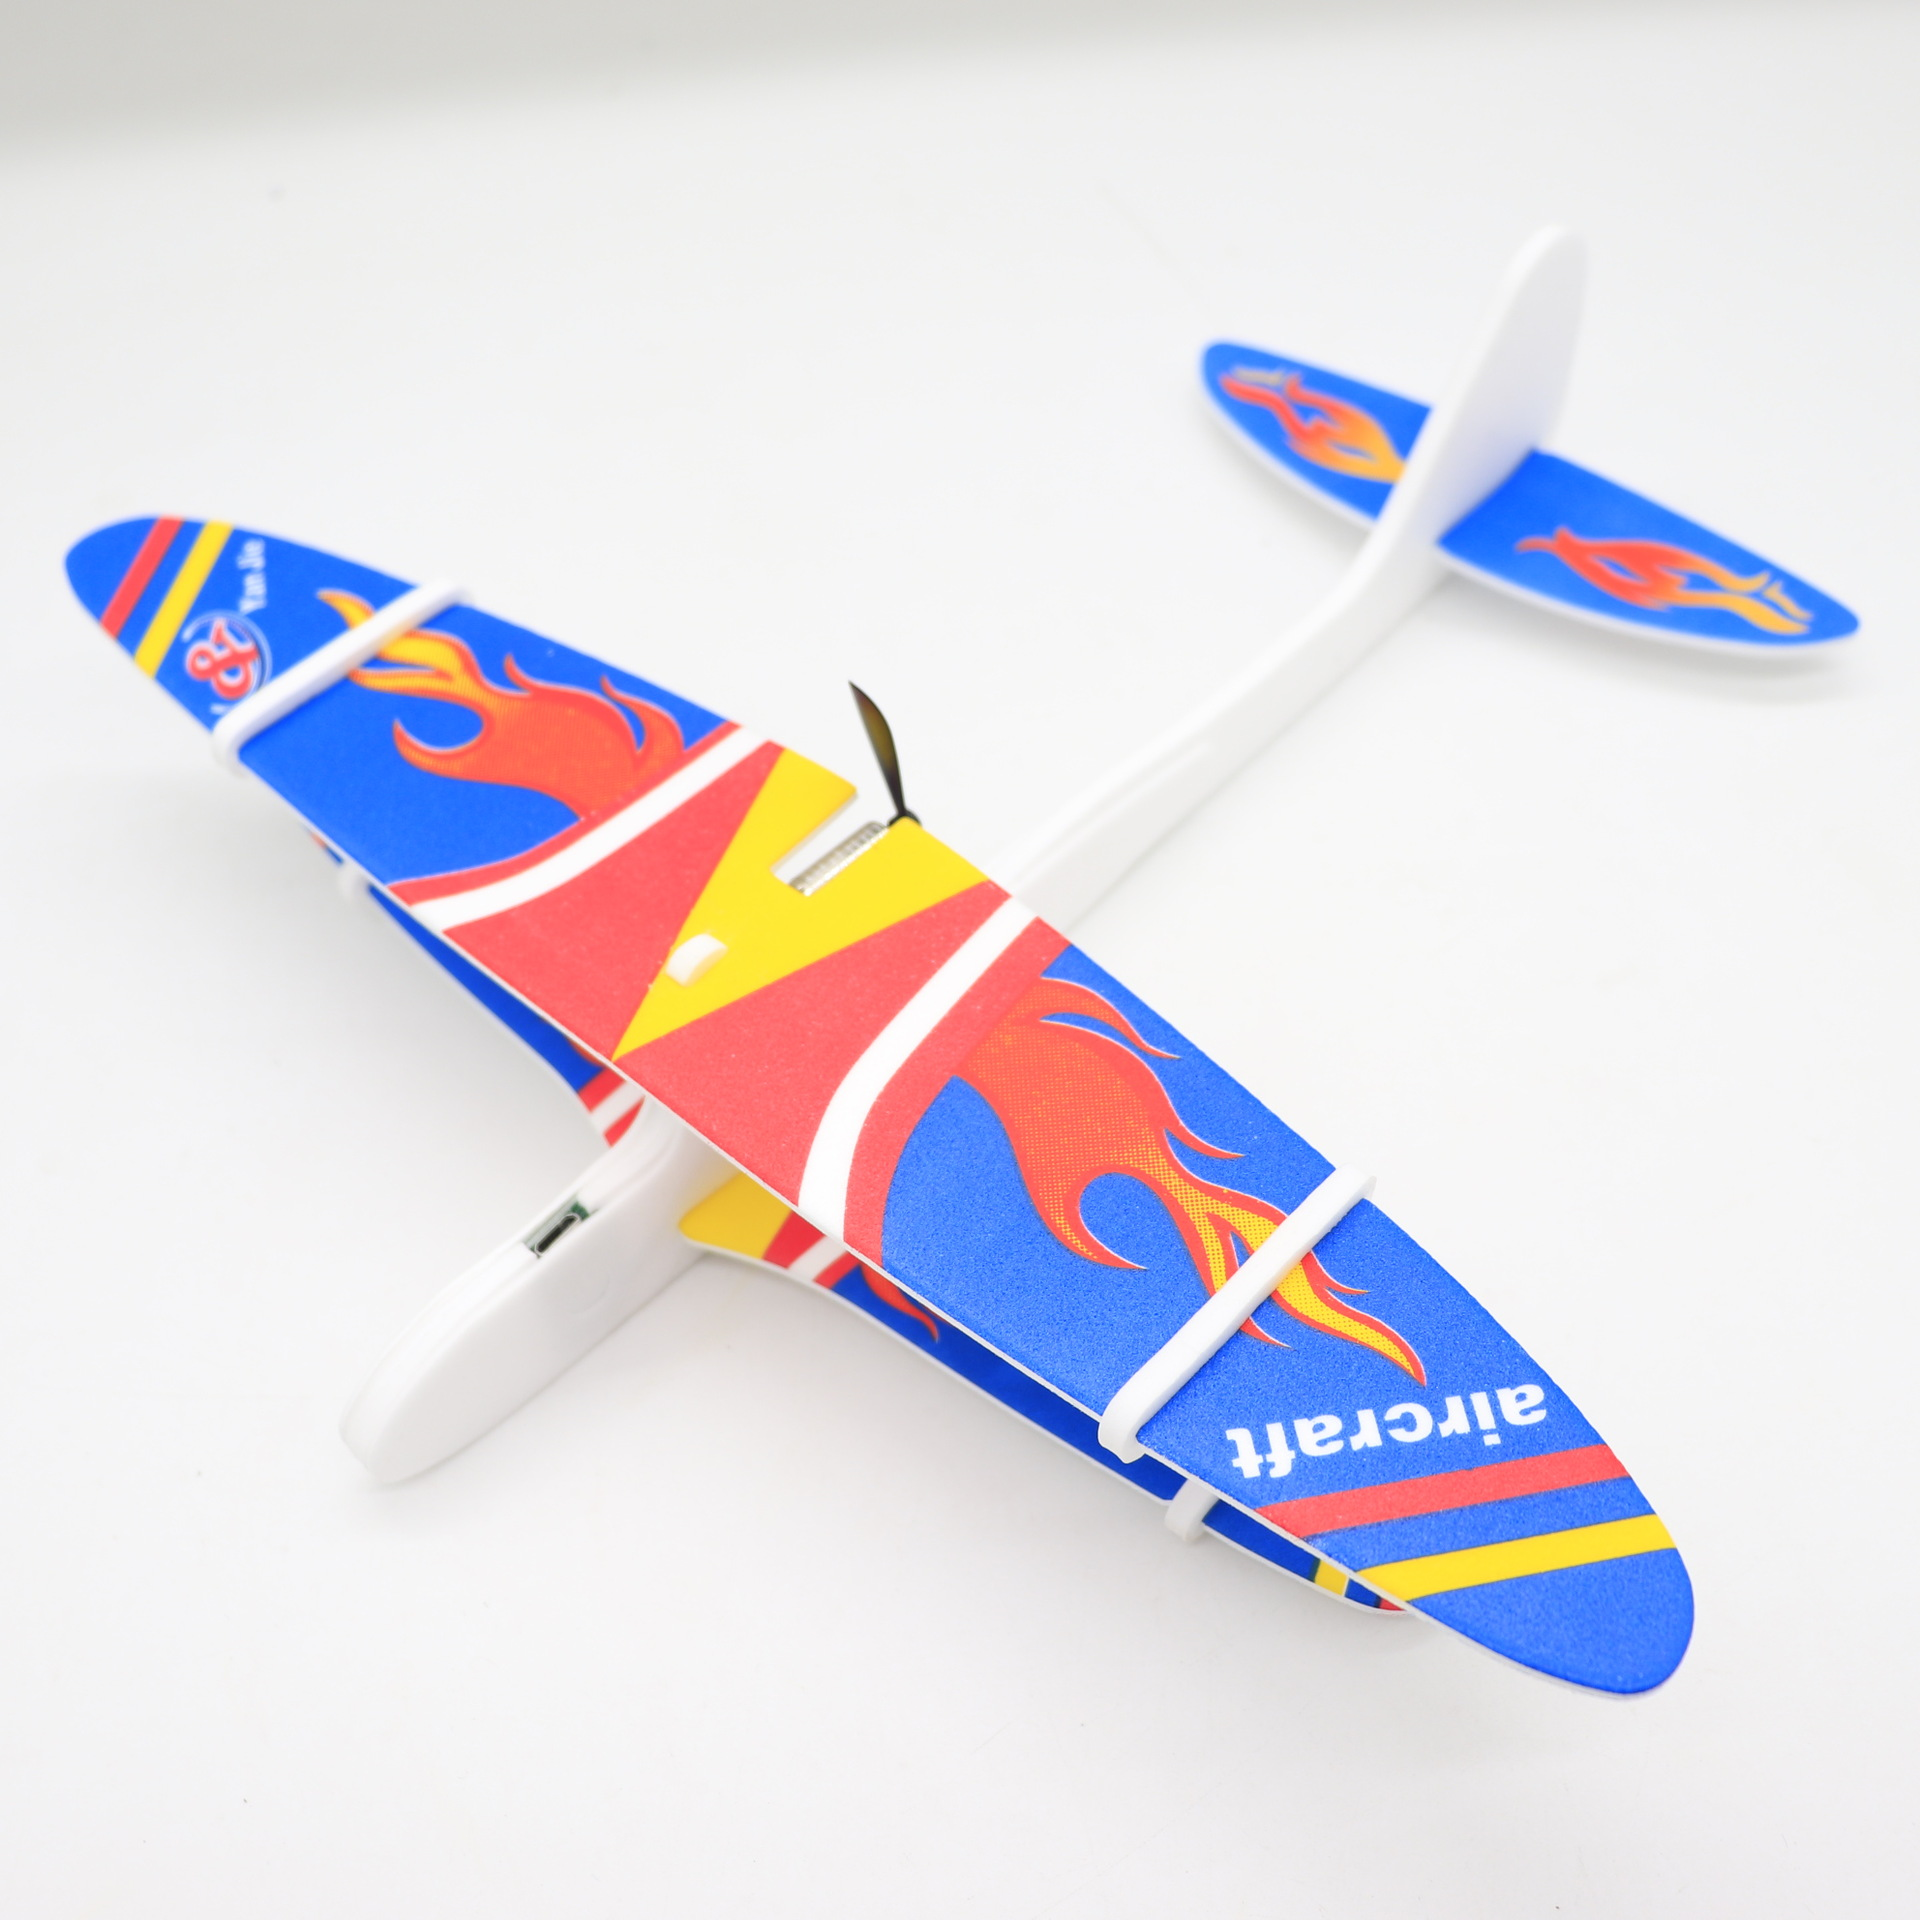 2017 12pcs Diy Hand Throw Flying Glider Planes Foam: DIY Hand Throw Flying USB Electric Power Motor Glider